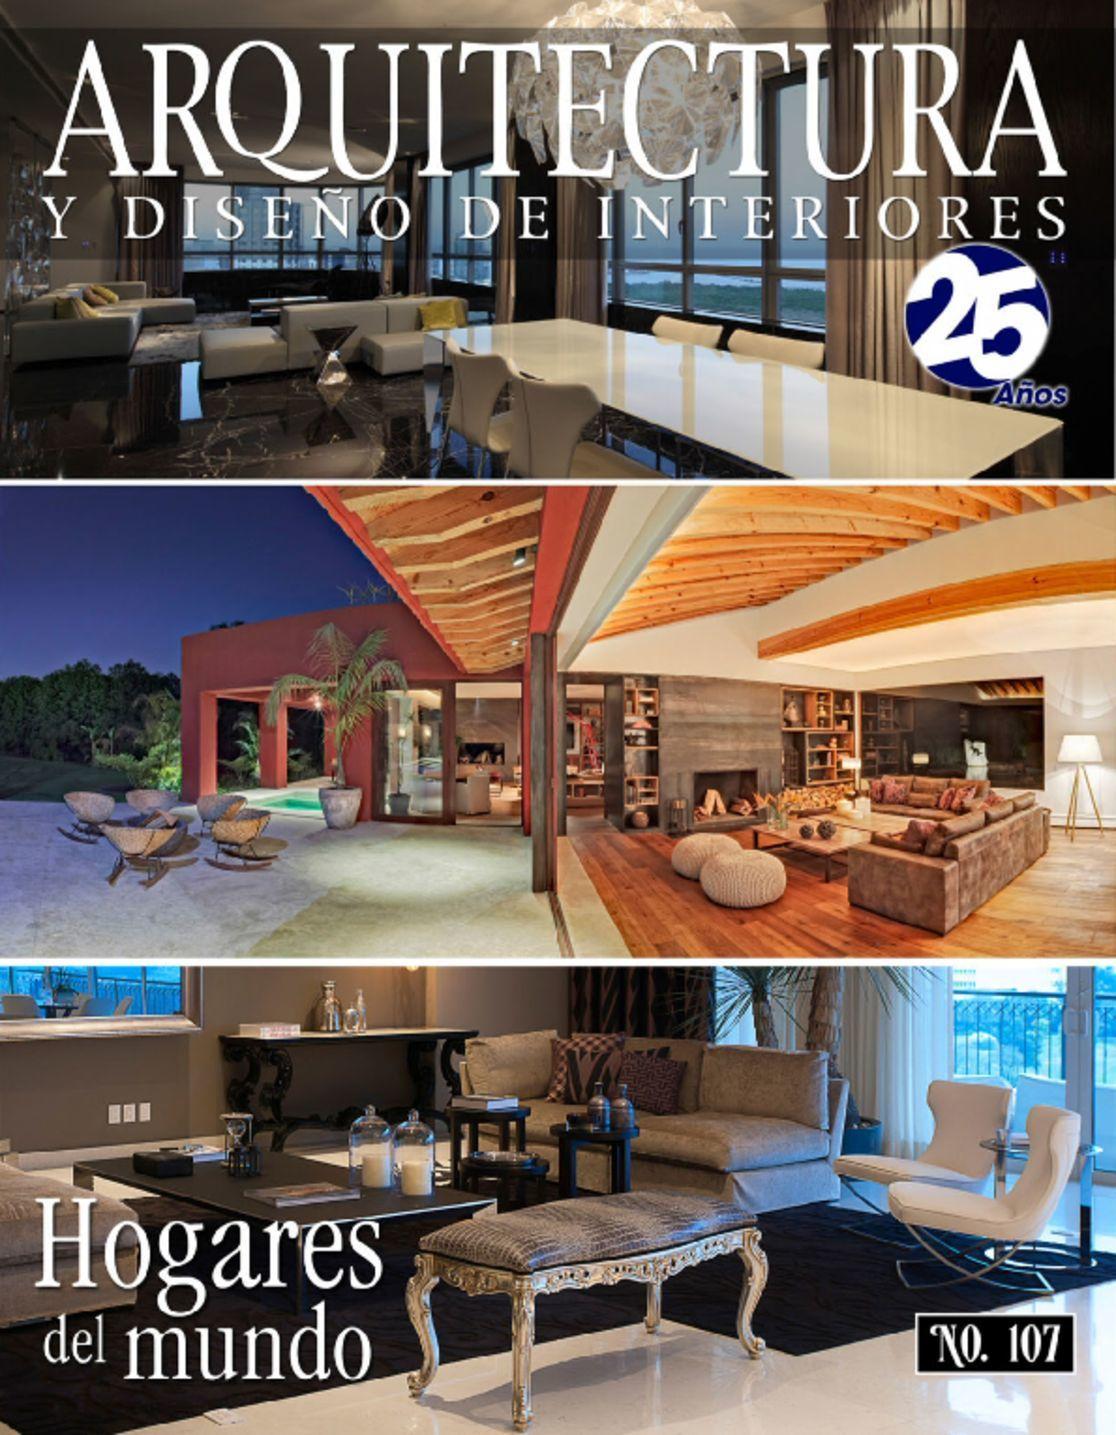 Arquitectura y dise o de interiores digital magazine - Arquitectura de interiores ...